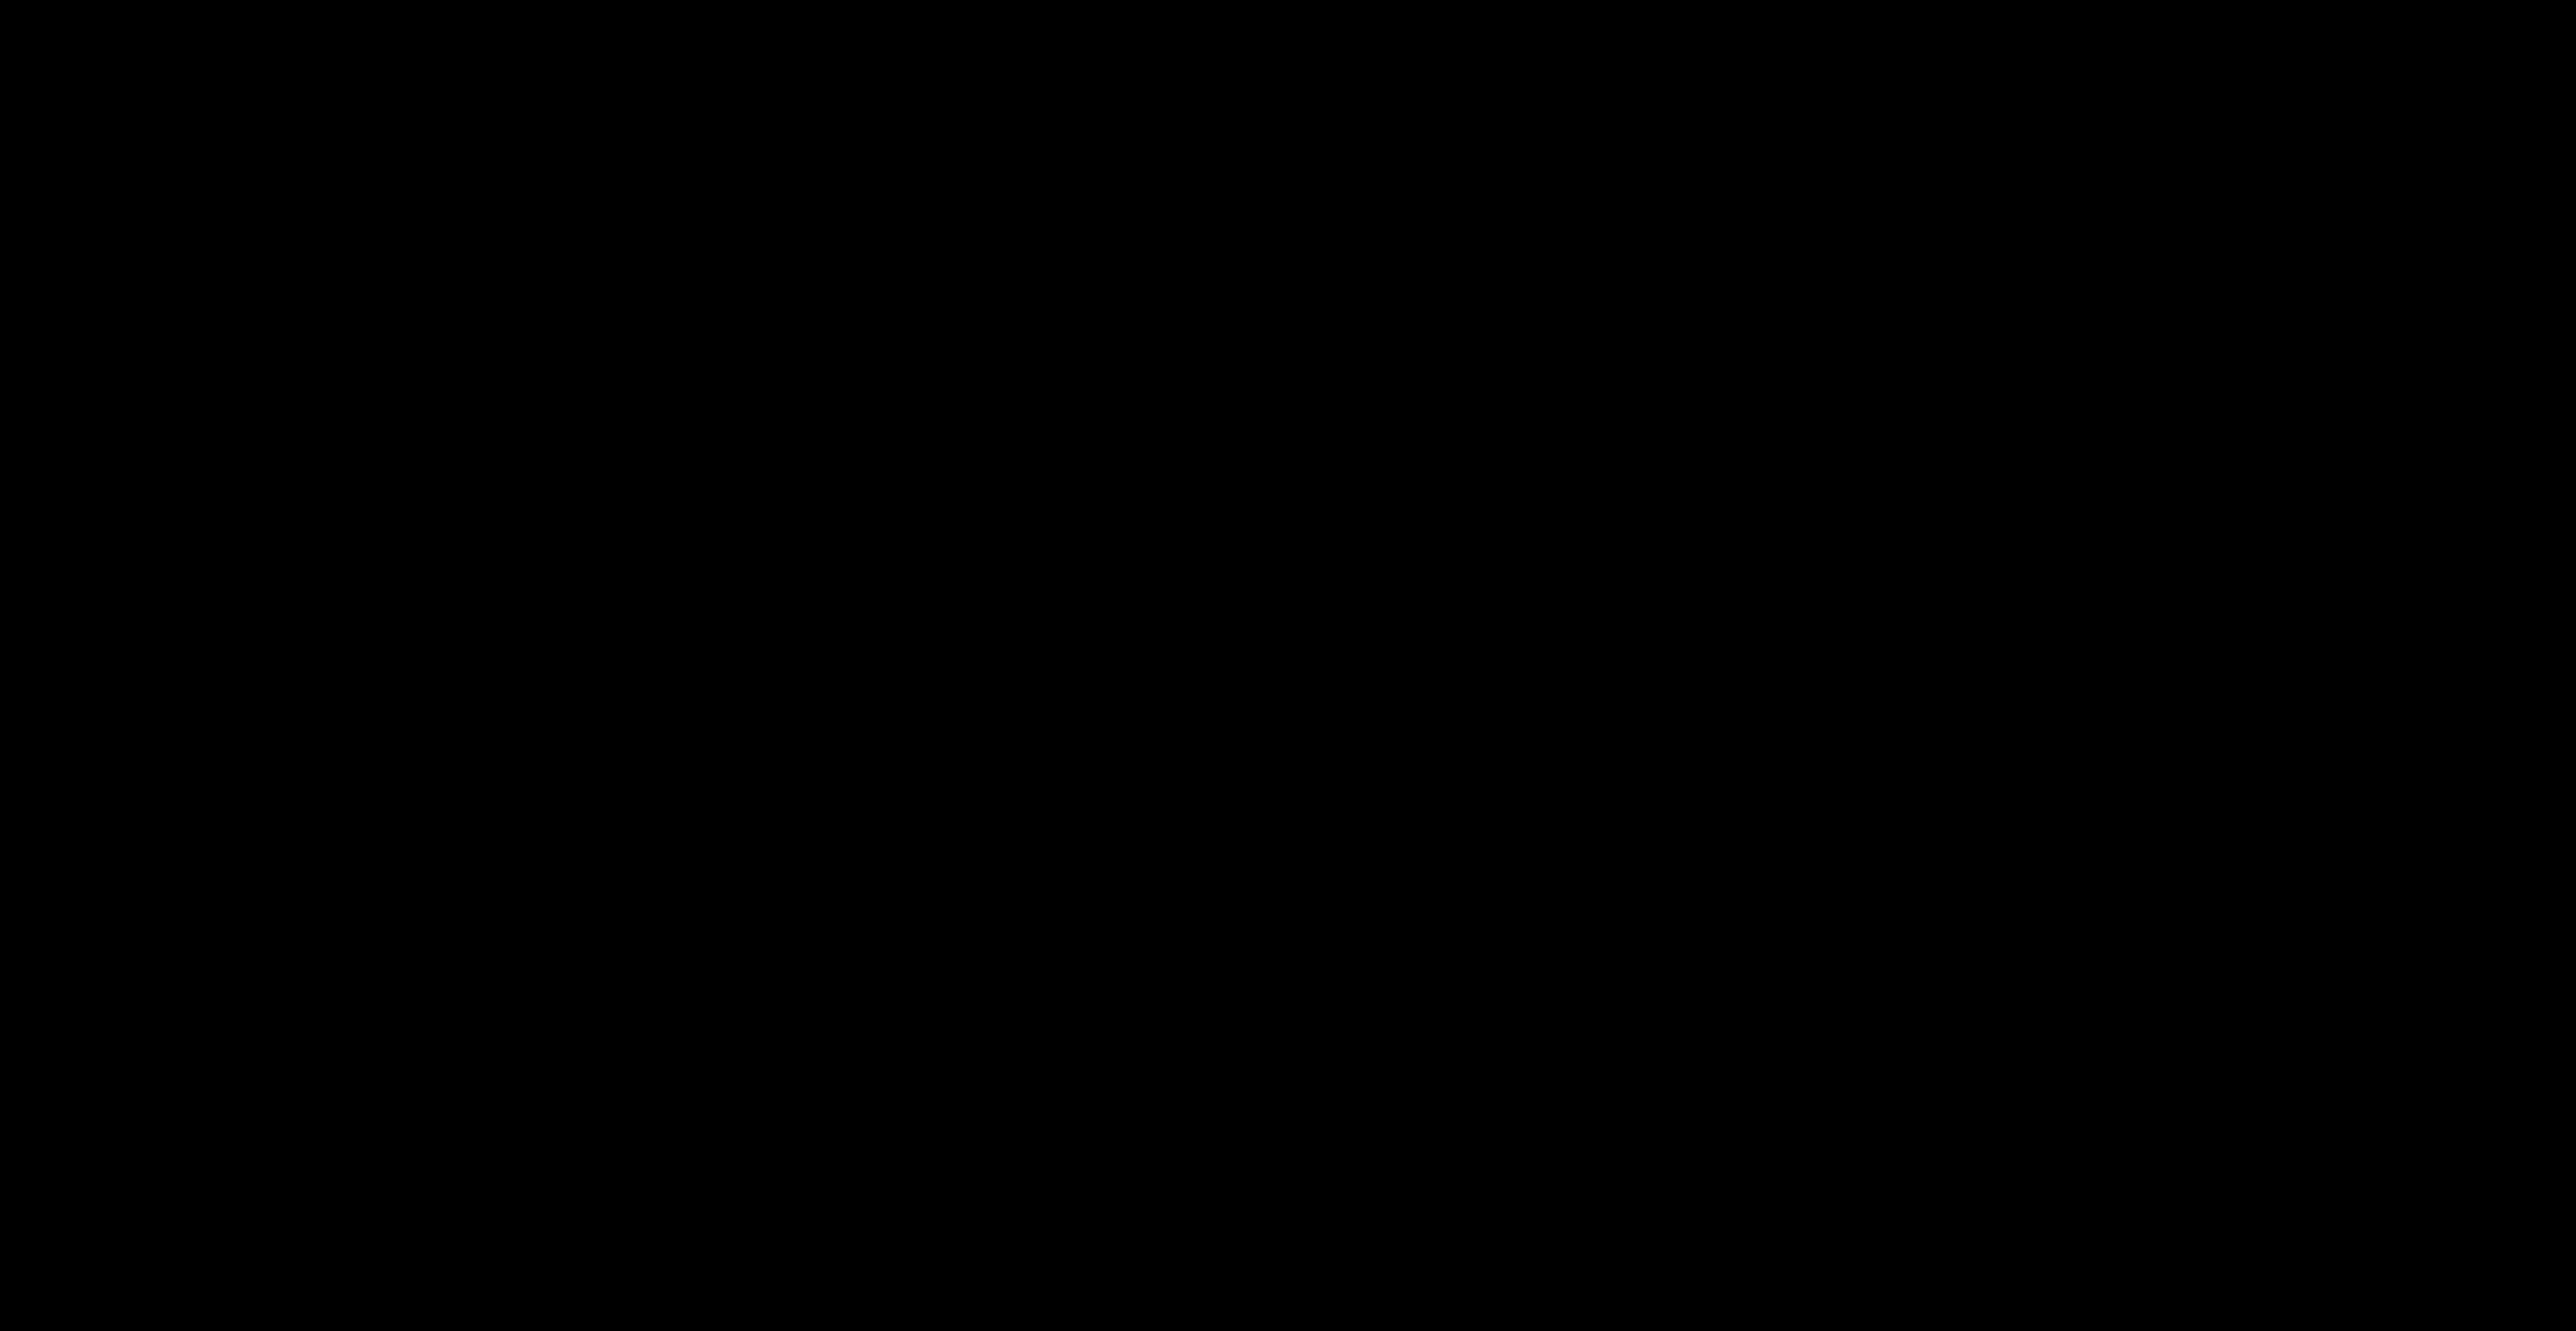 Dźwigi - nawrot.pl